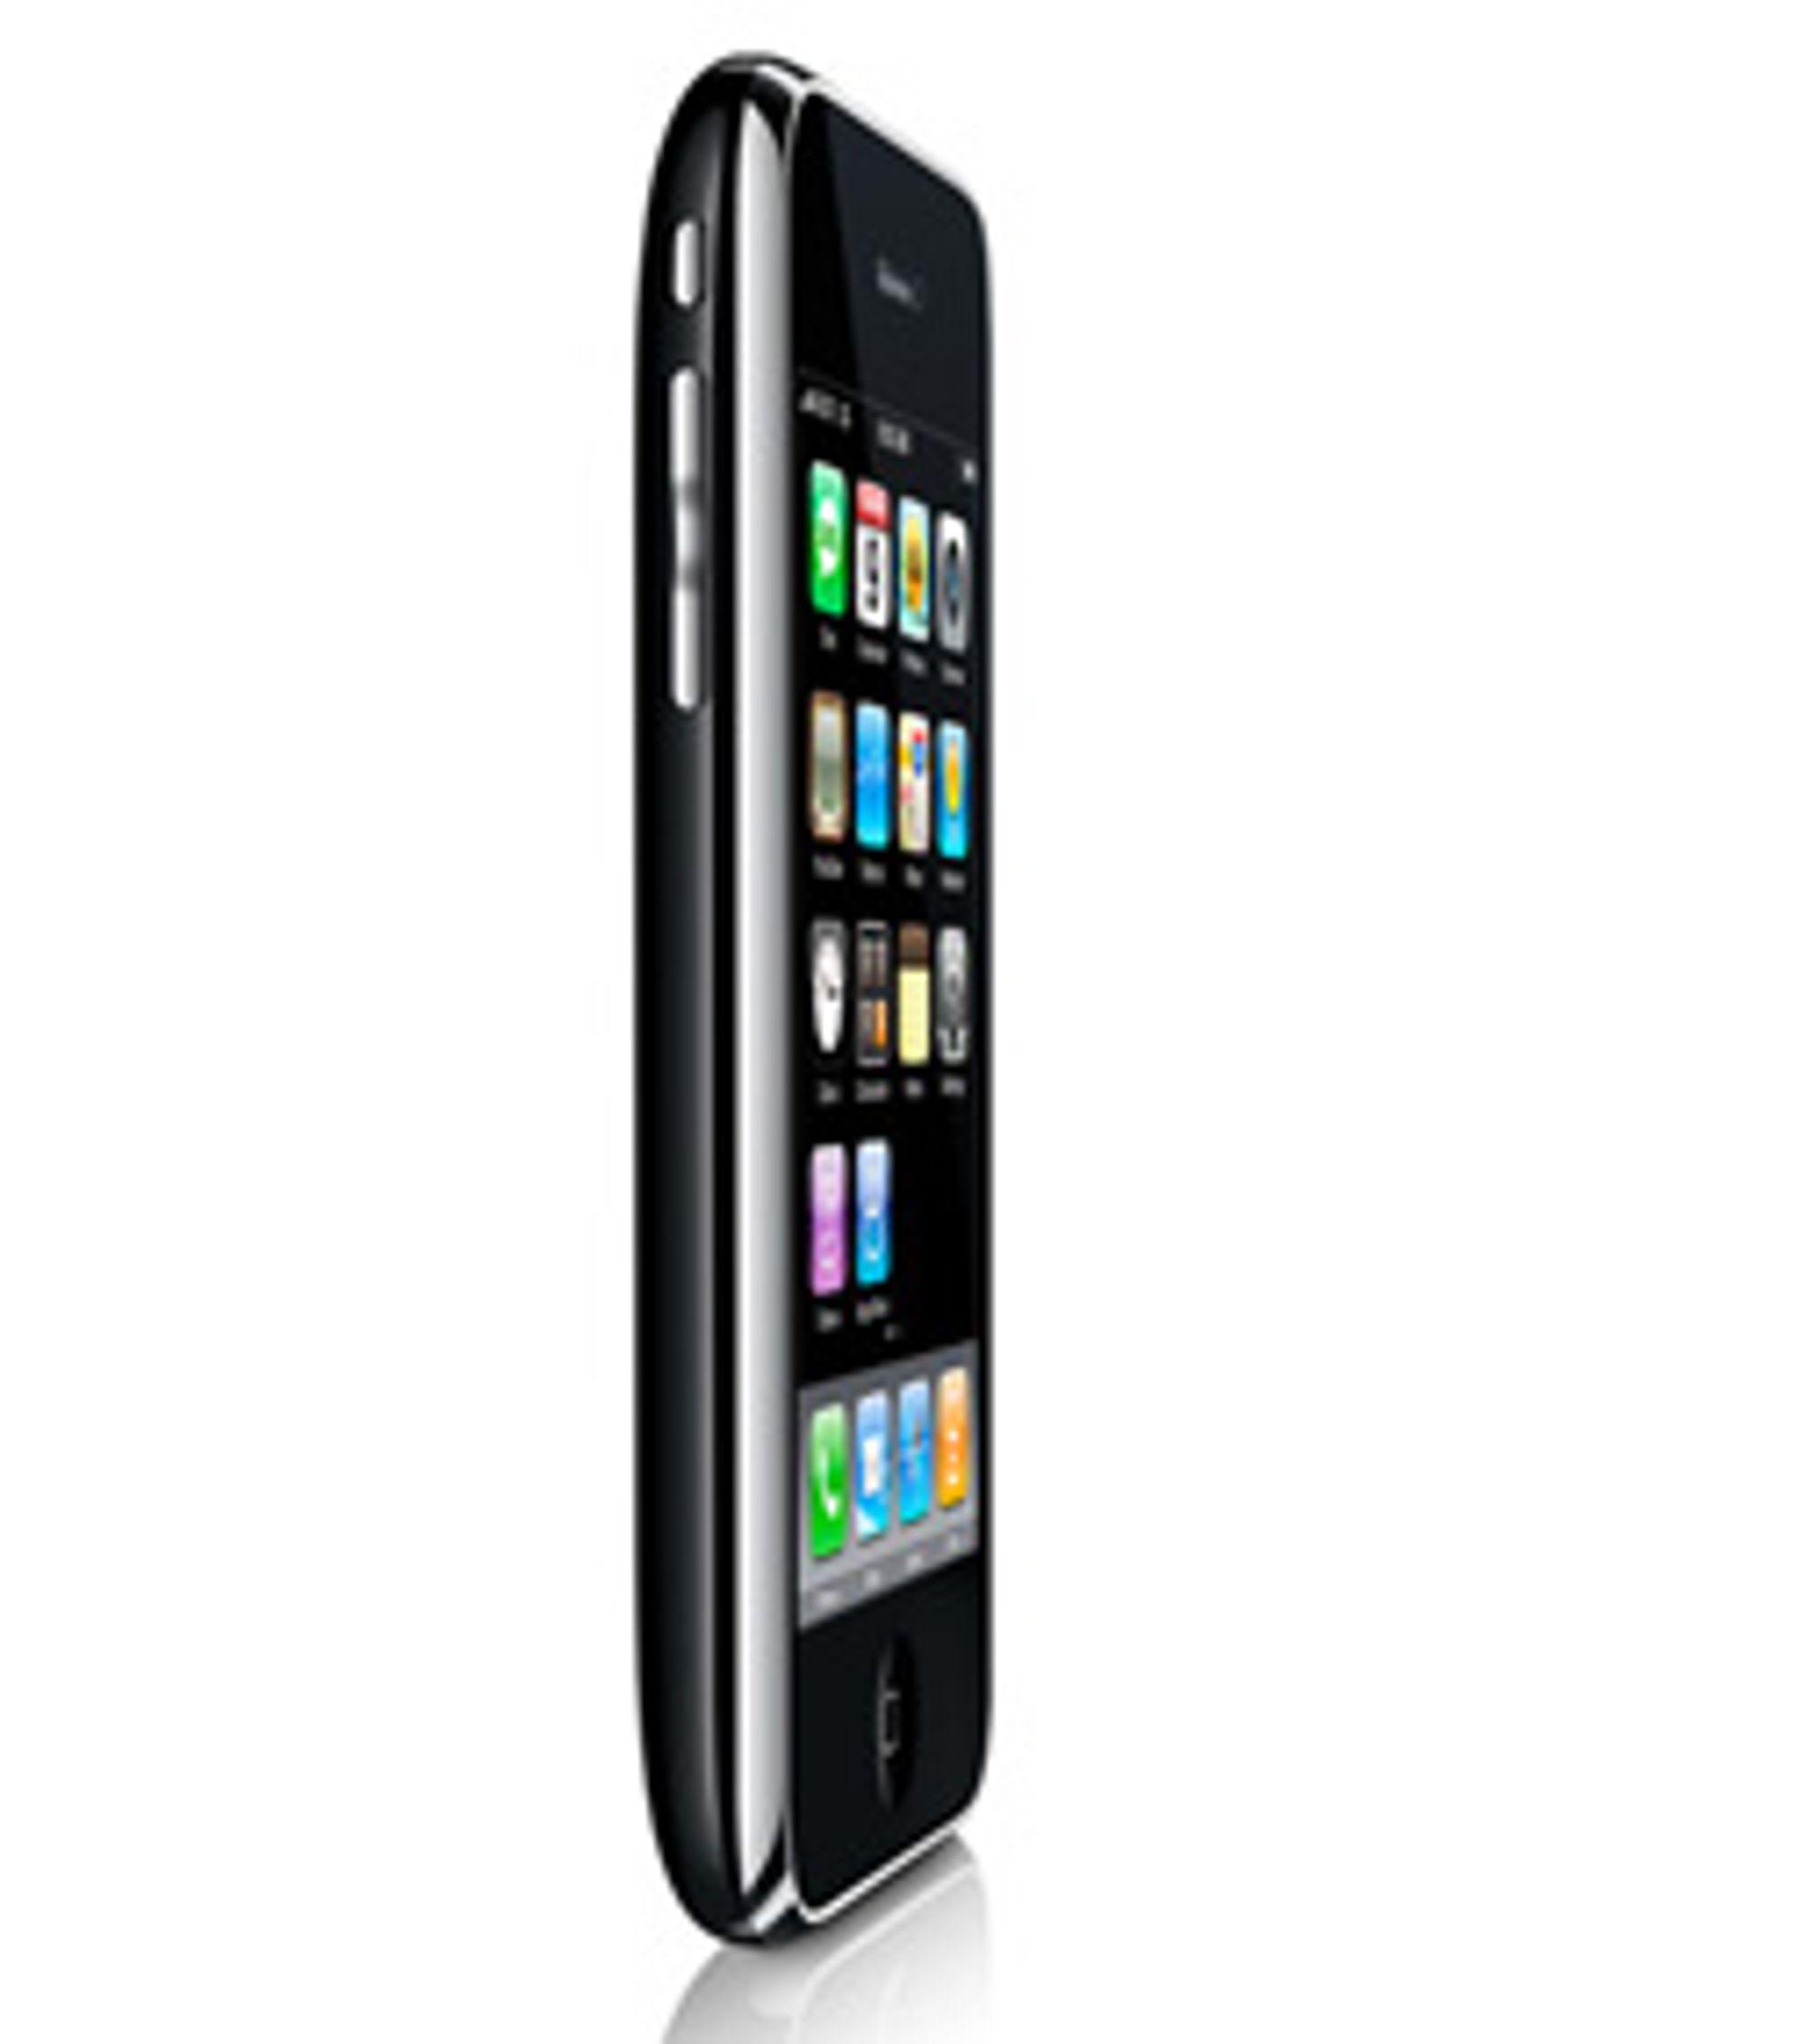 Iphone 3G kan få en oppfølger. (Foto: Apple)